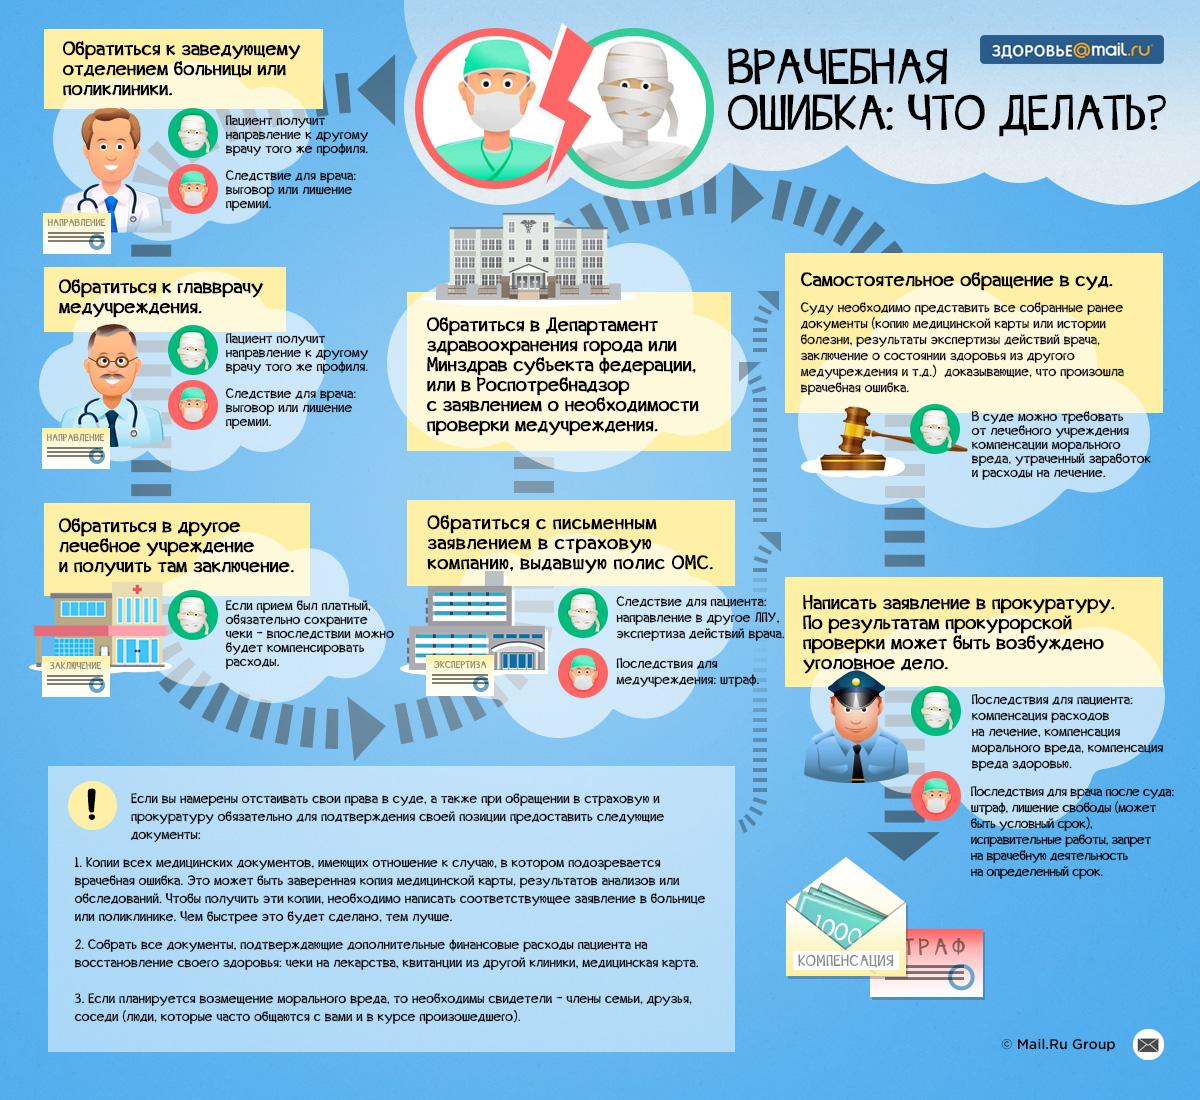 http://health.mail.ru/pic/default/2014-04-09/91dea99855f3043cb2cd8a1dea428dd5.jpg